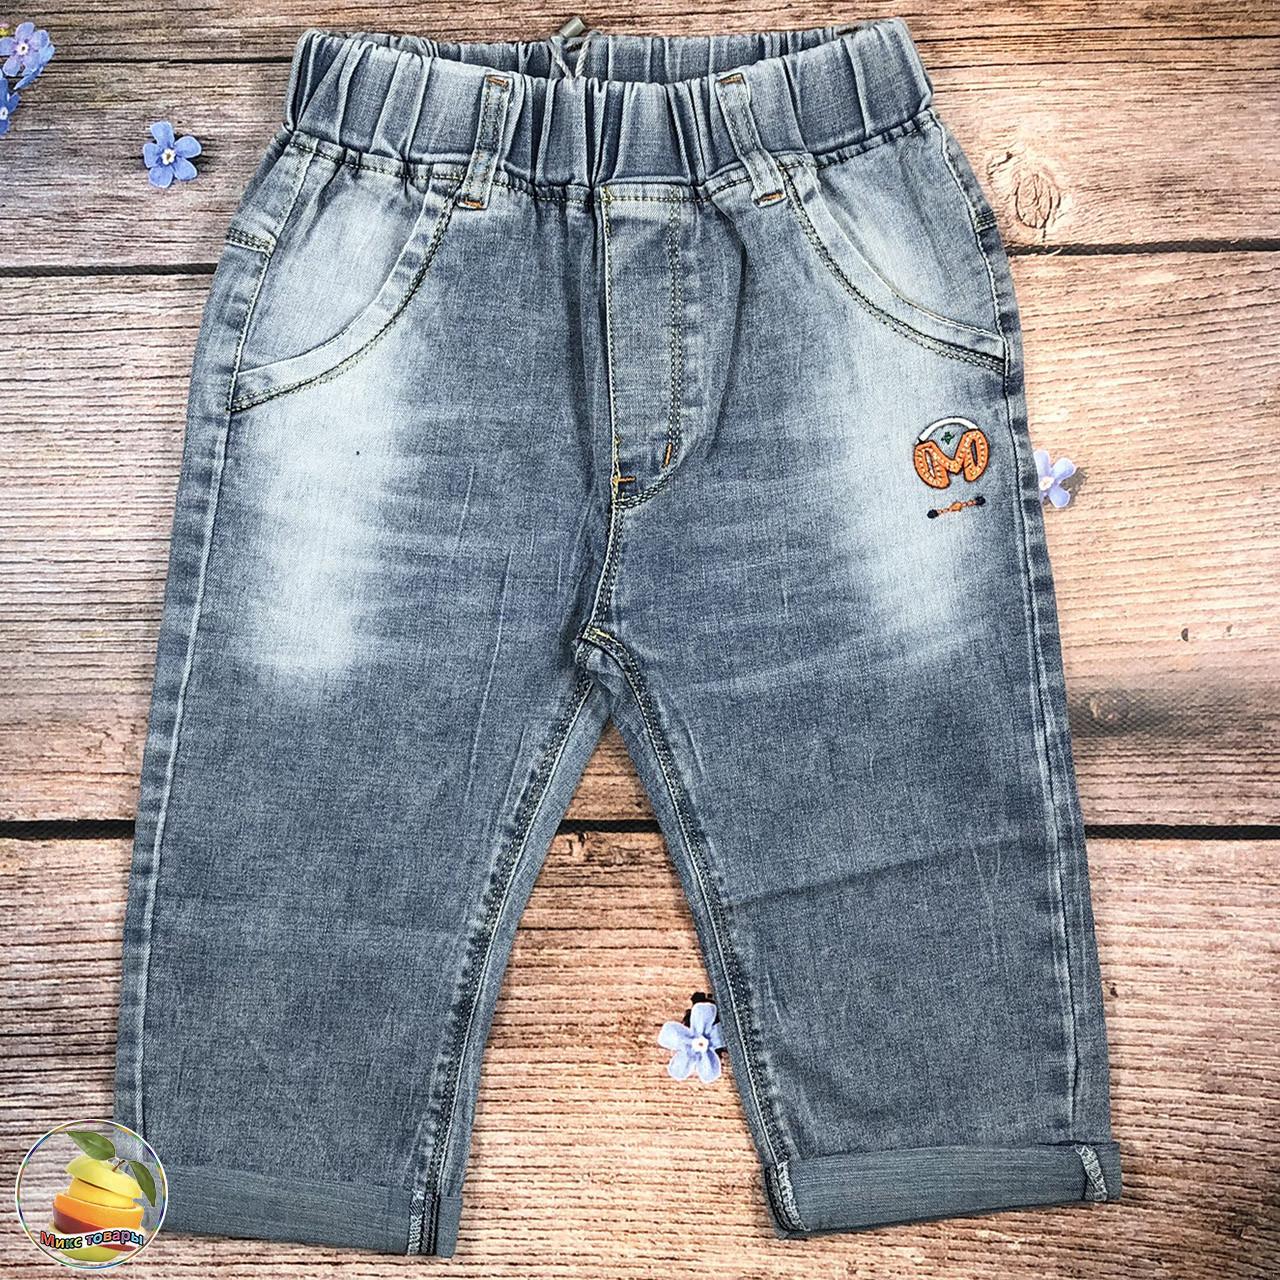 Джинсовые шорты для подростка Размеры: 8,9,10,11,12 лет (20233)